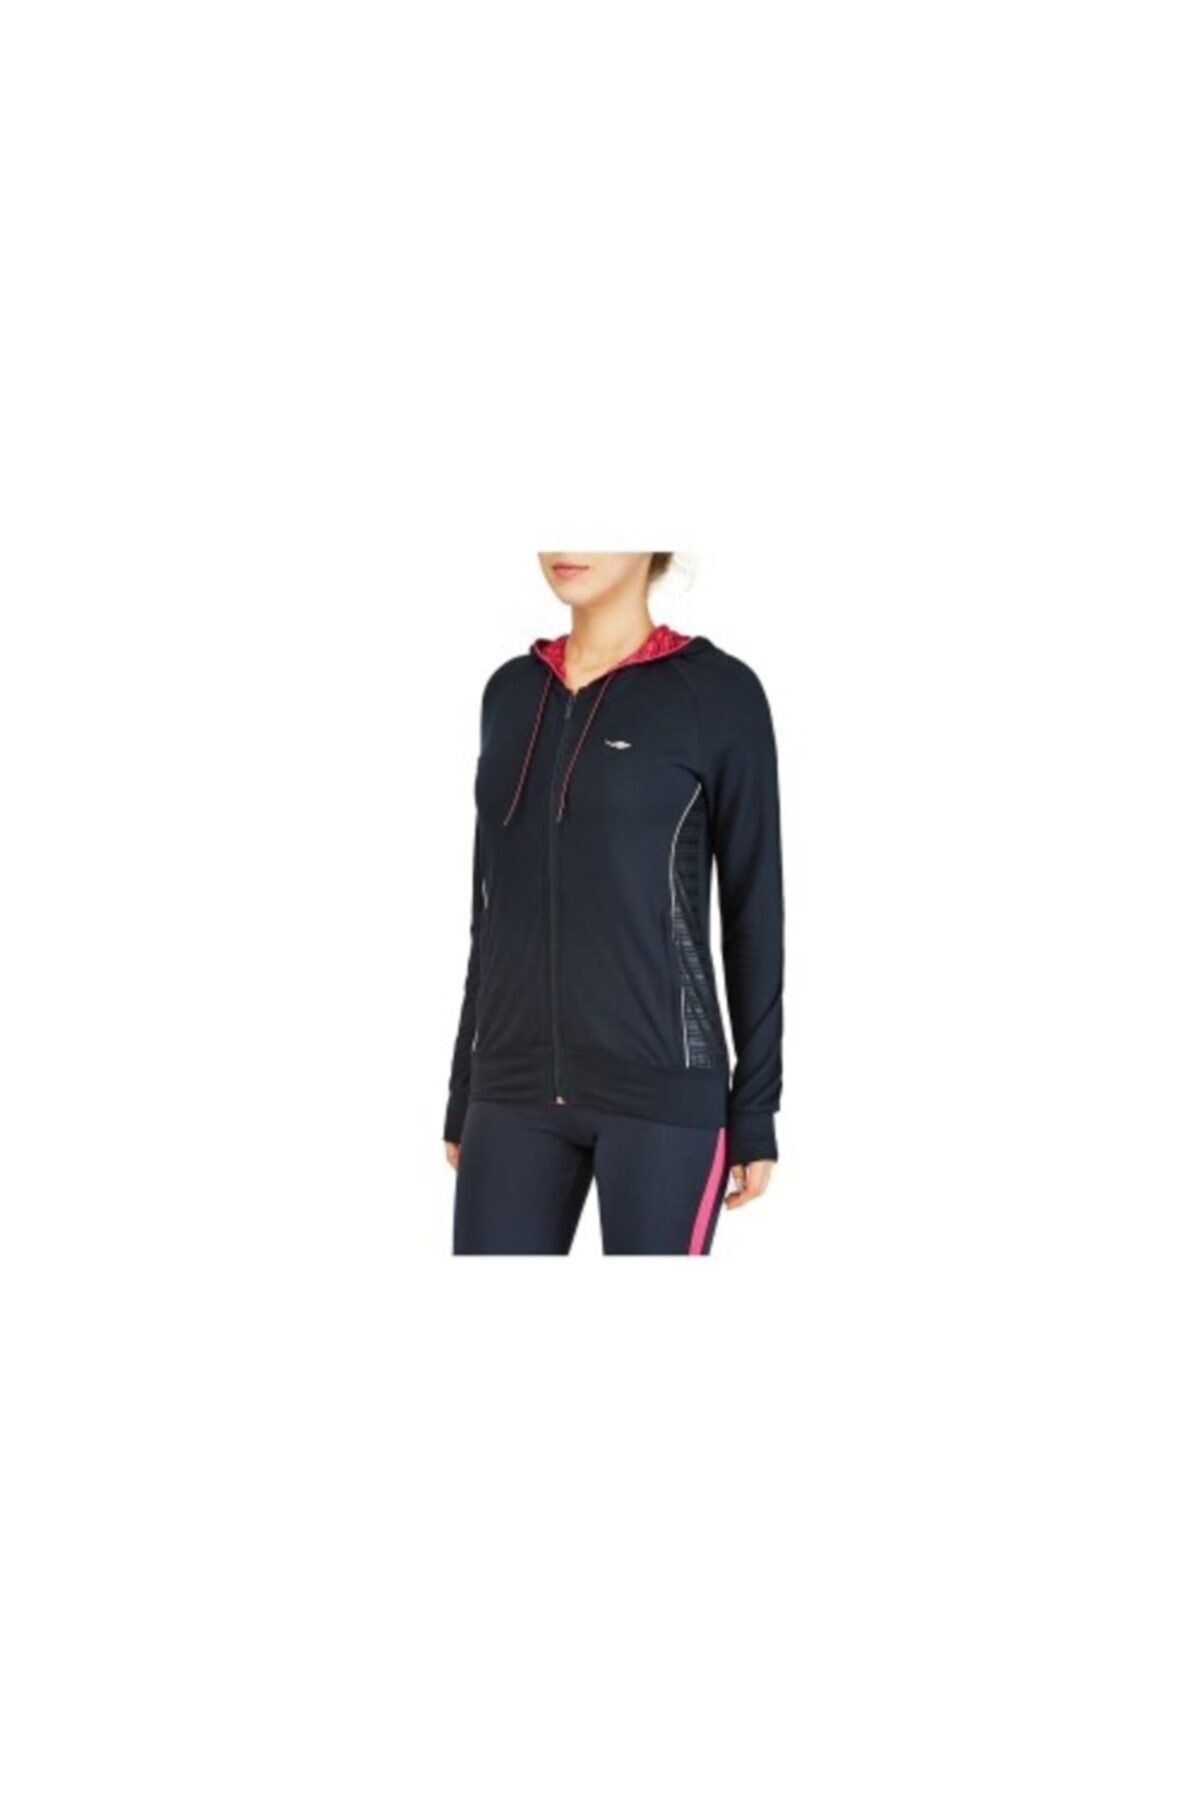 Lescon Kadın Siyah  Sweatshirt 16b-2085 1